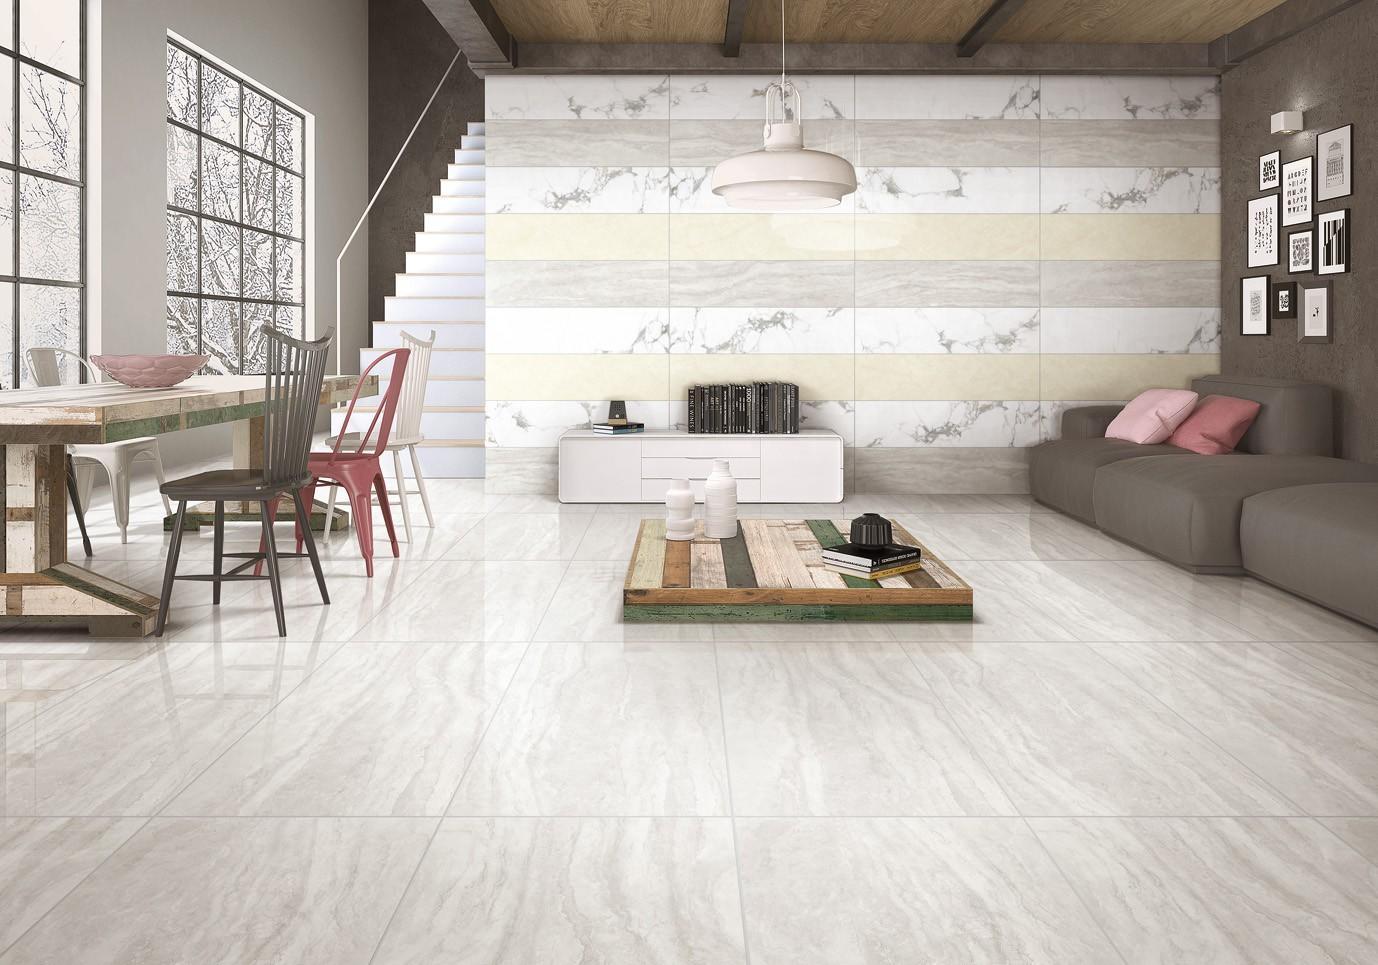 Latest porcelain tiles for sale altman company for villas-2